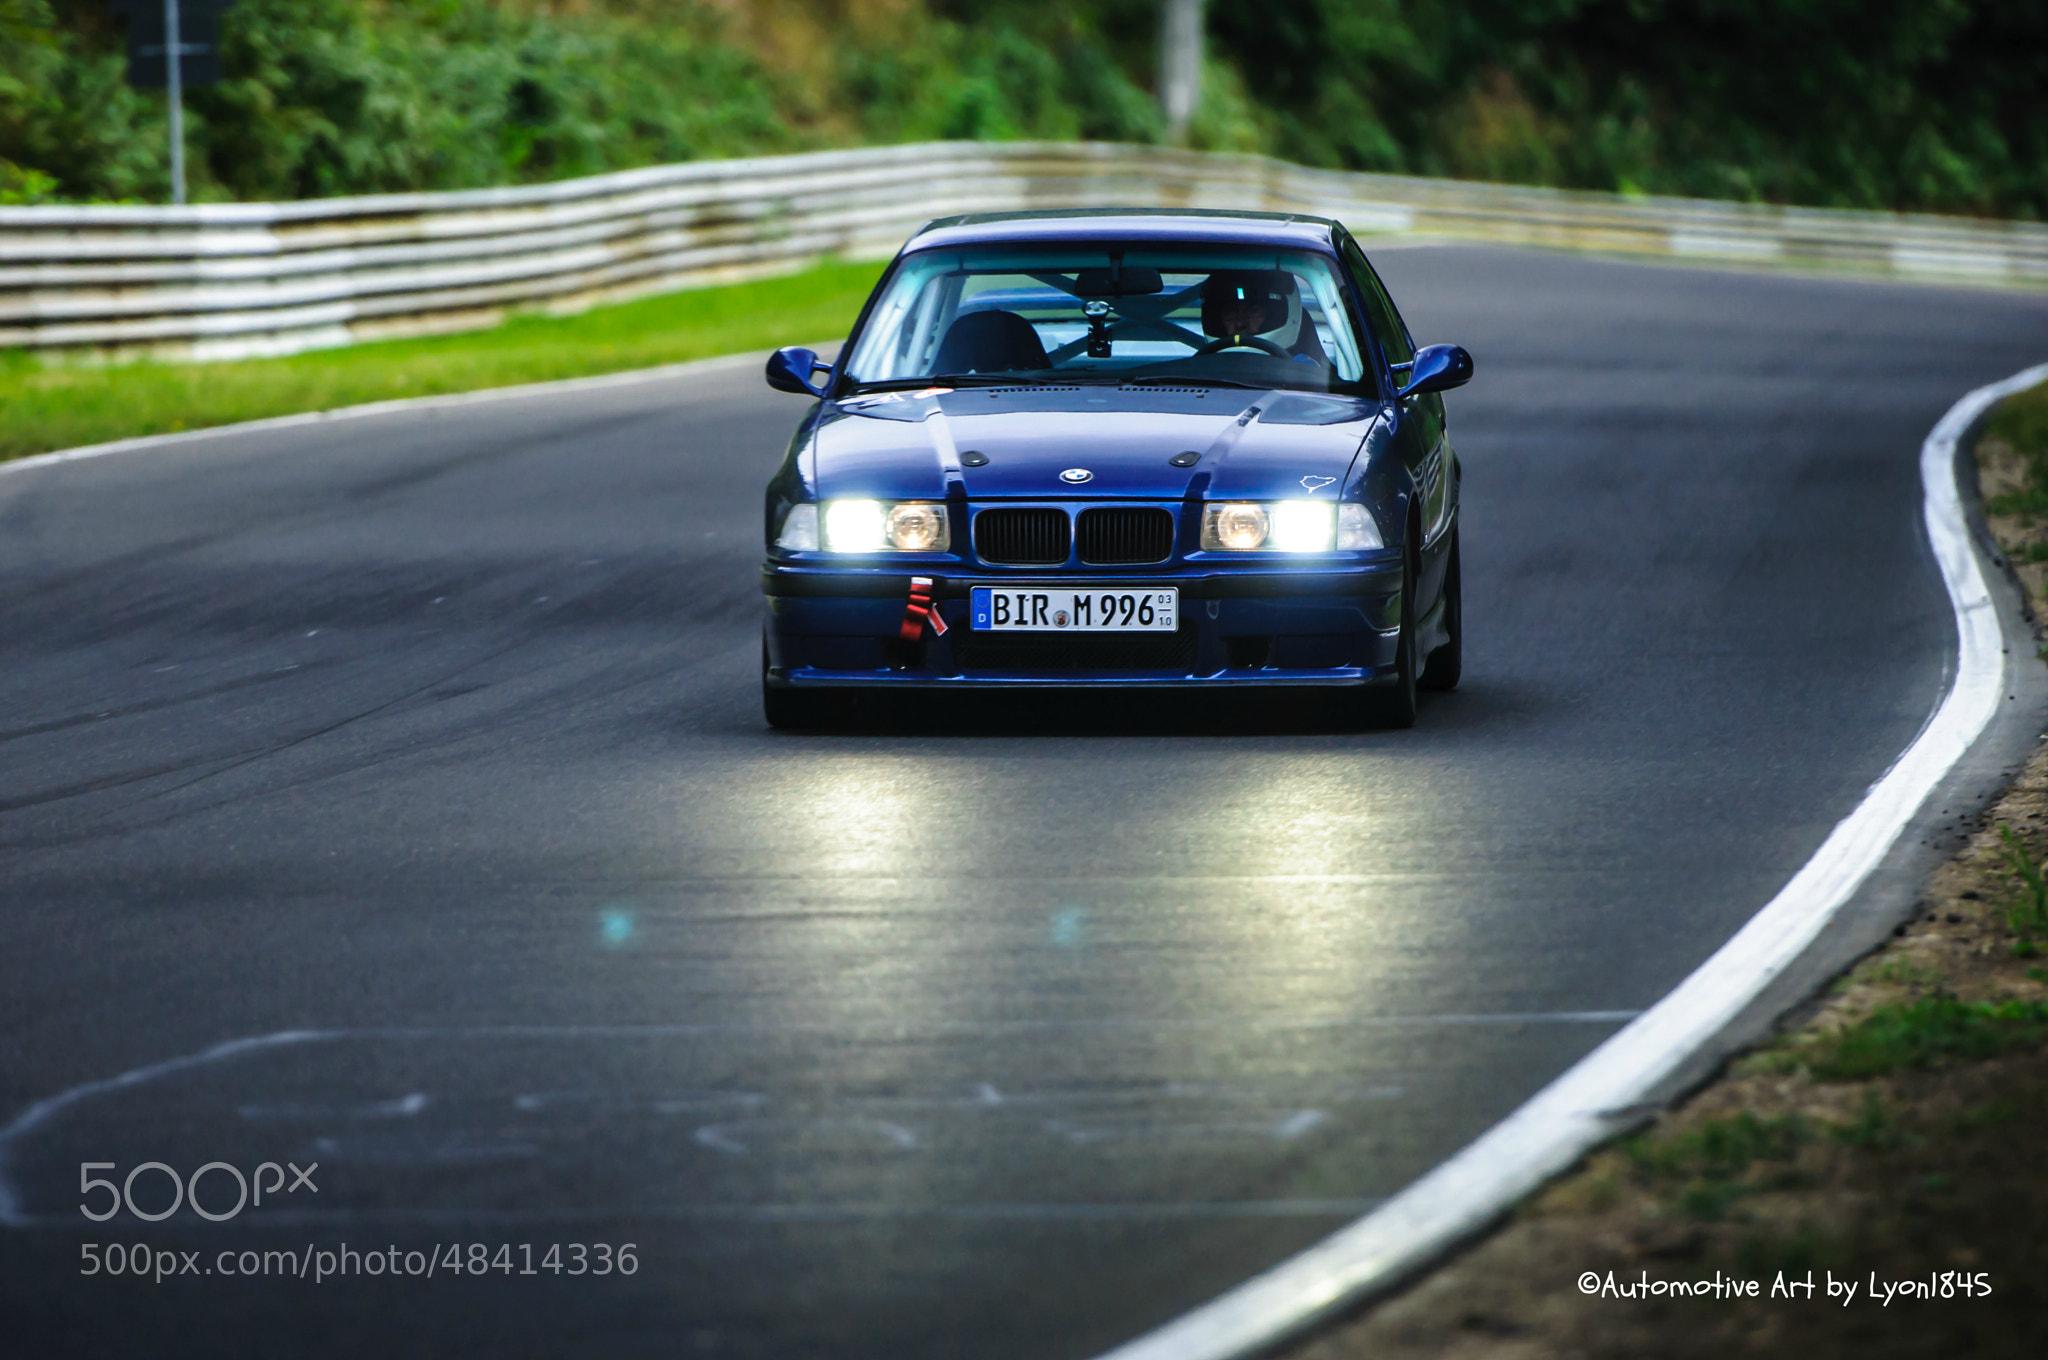 Photograph BMW M3 by lyon1845 on 500px